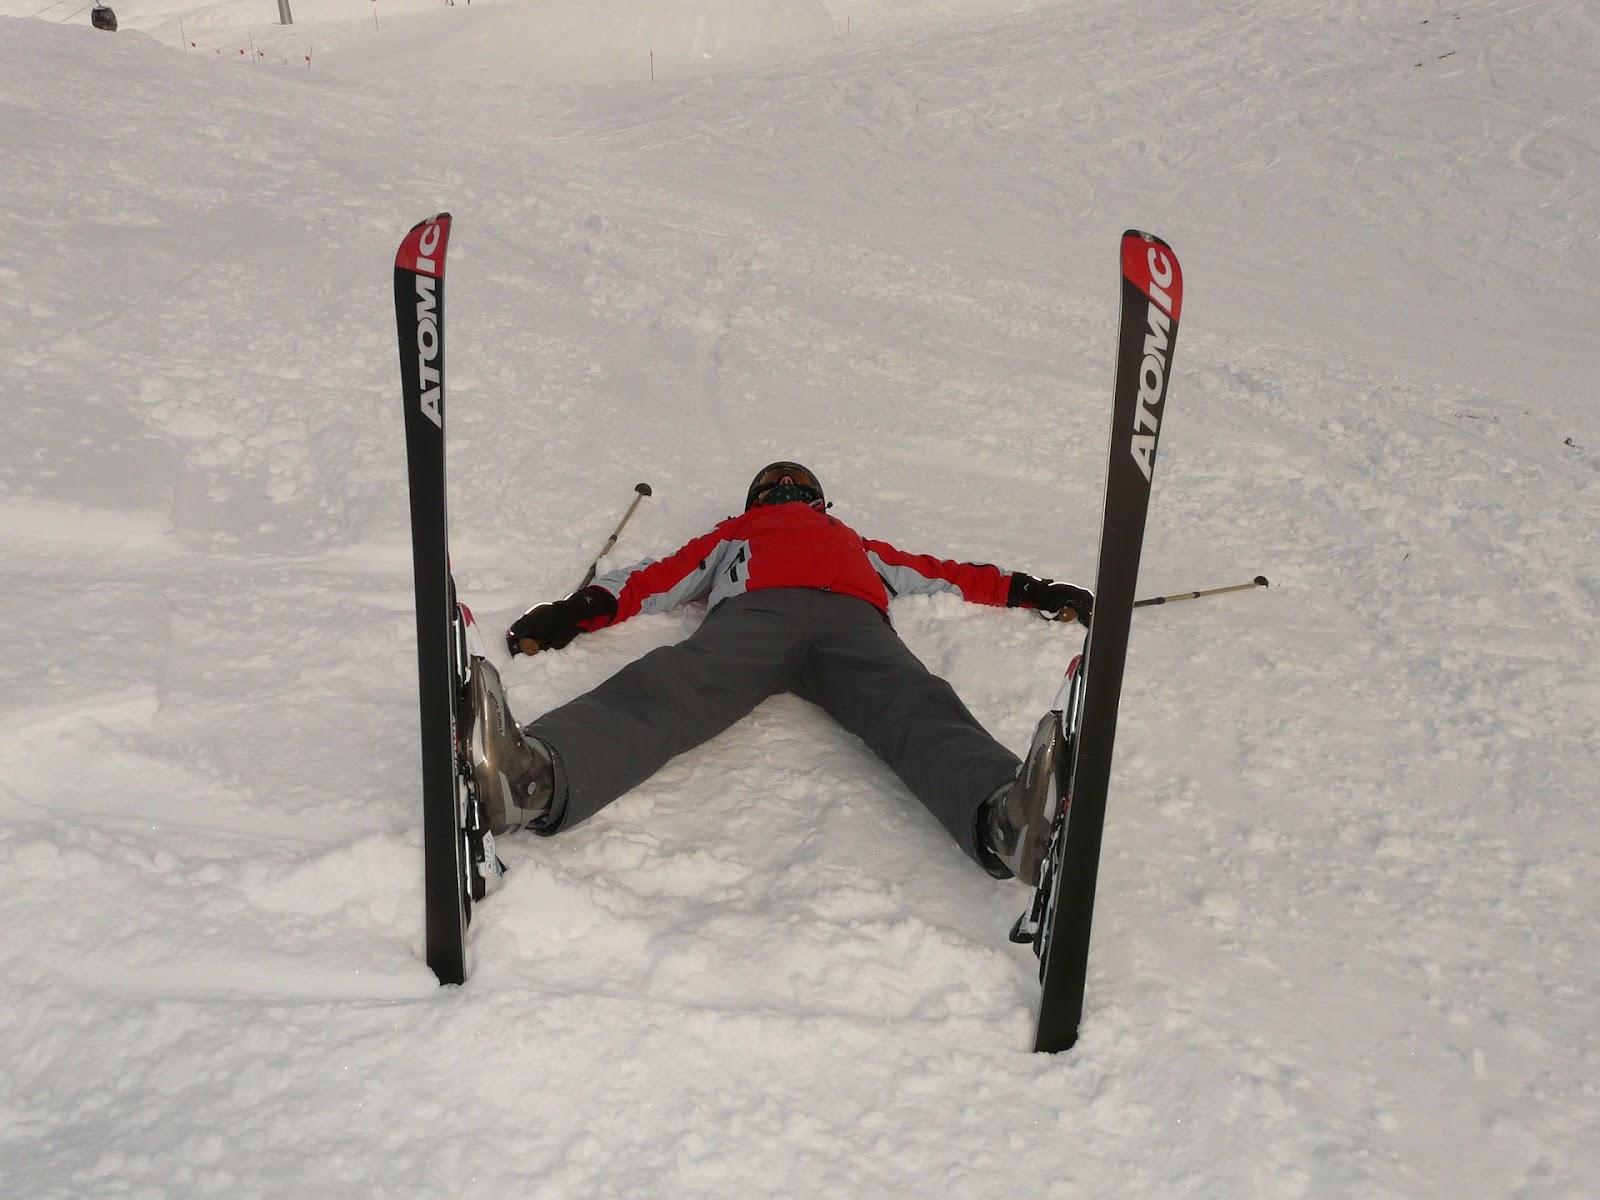 Tiếp đất bằng lưng khi trượt tuyết rơi